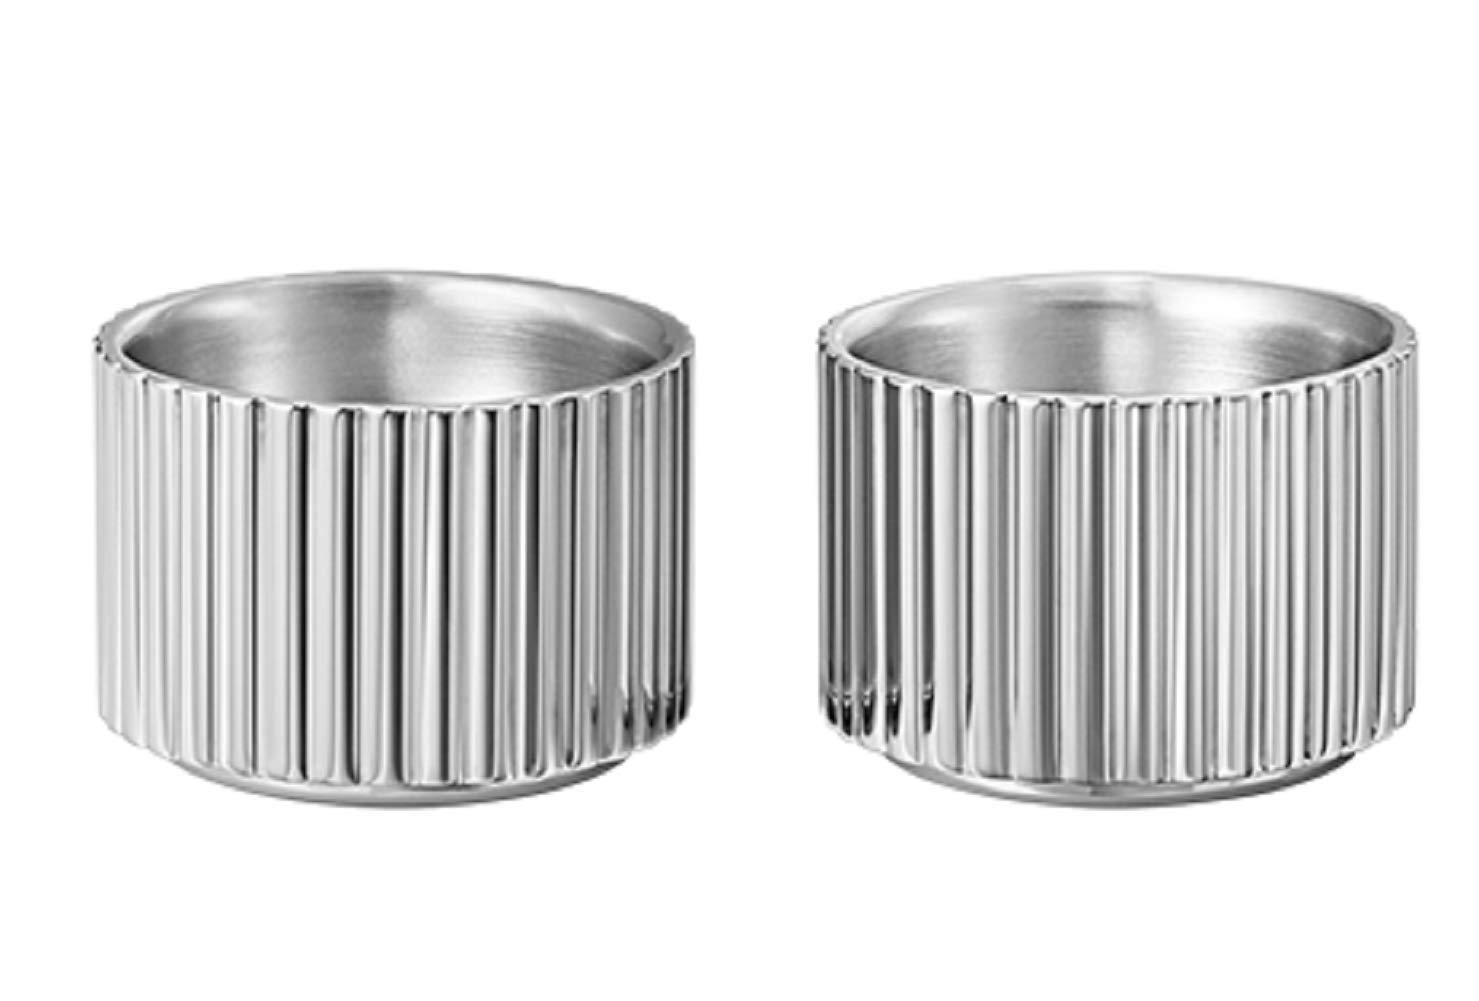 Georg Jensen Bernadotte Egg Cups 2 Piece Set, Stainless Steel